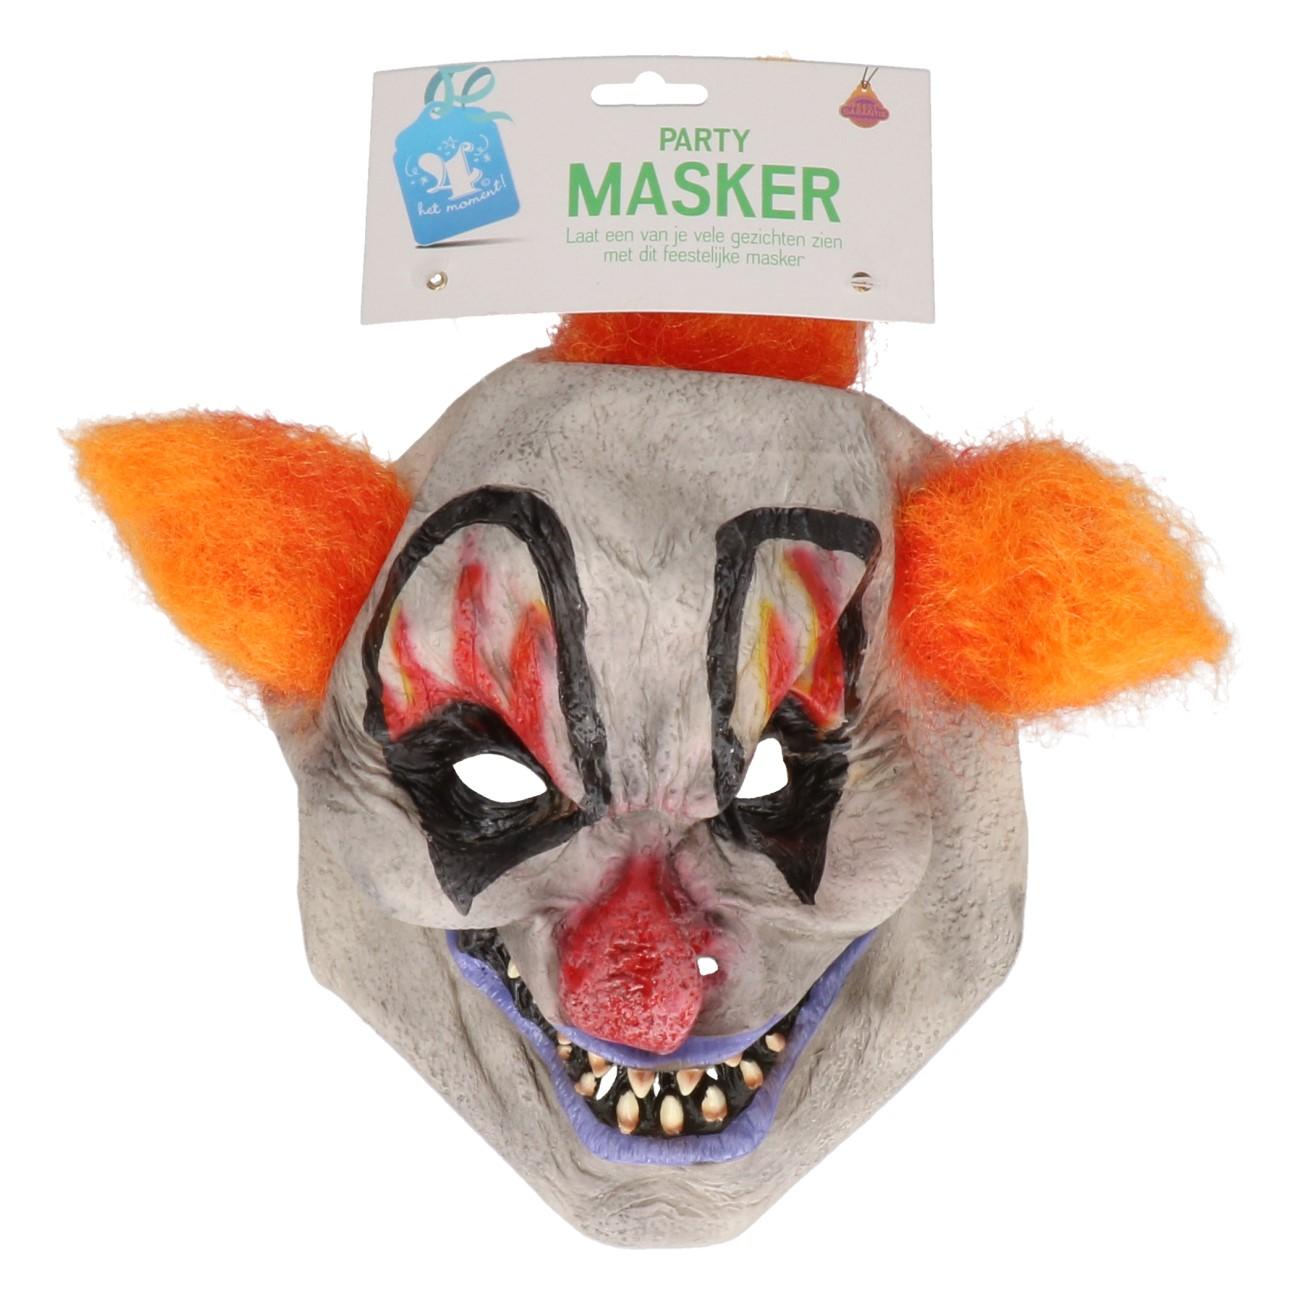 Masker horror clown oranje/rood haar